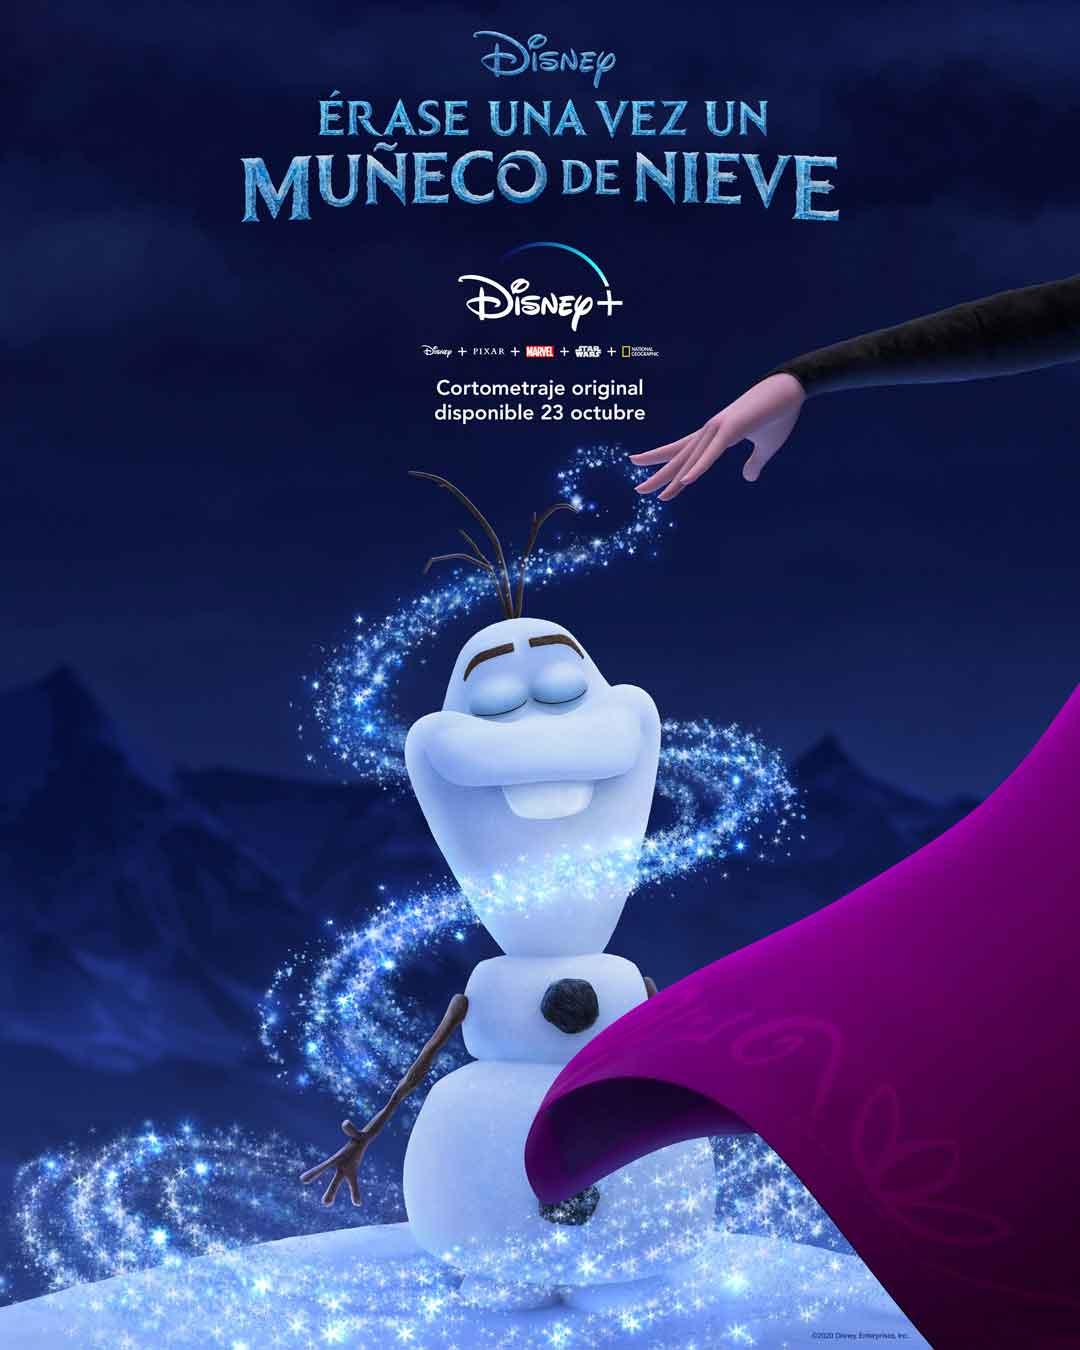 Disney + contará los primeros días de Olaf en Frozen